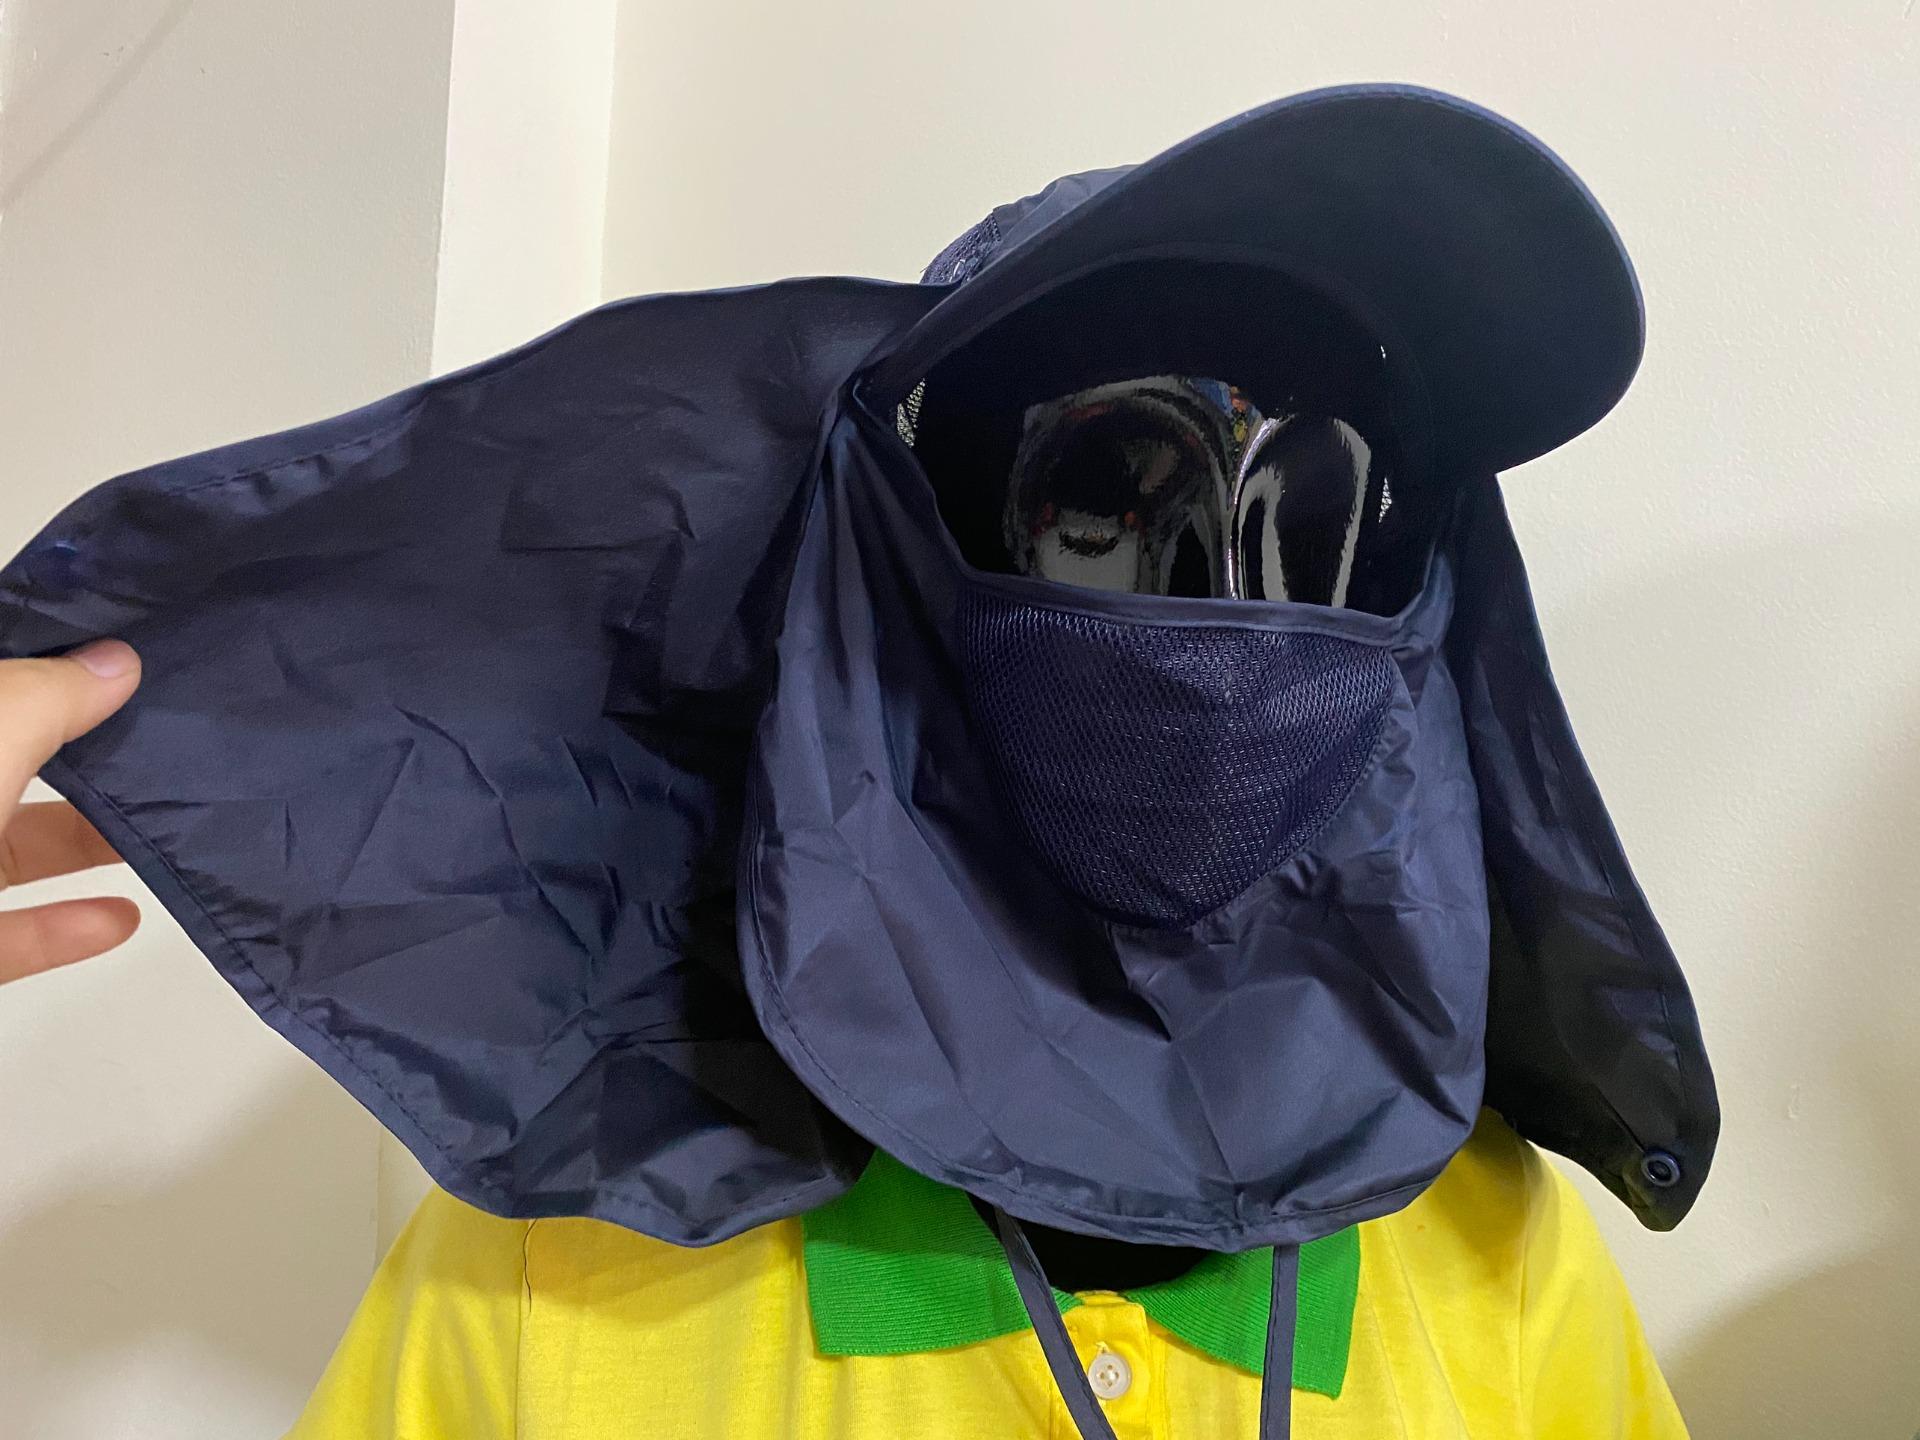 Xưởng may mũ chống nắng trùm mặt, mũ khẩu trang che nắng, che gáy